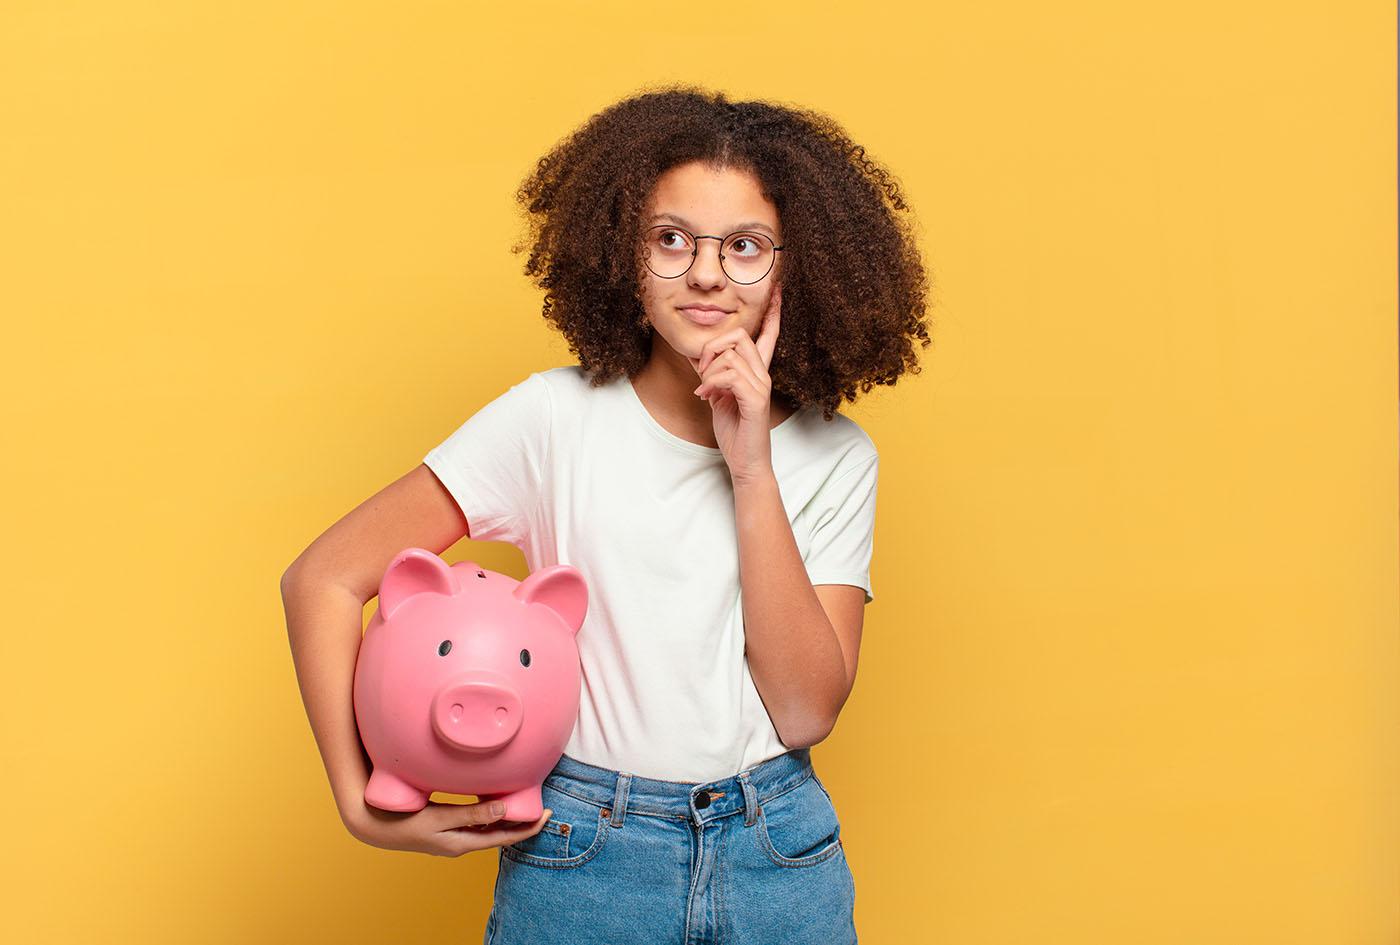 Dinheiro: ter ou não é uma questão de escolha?